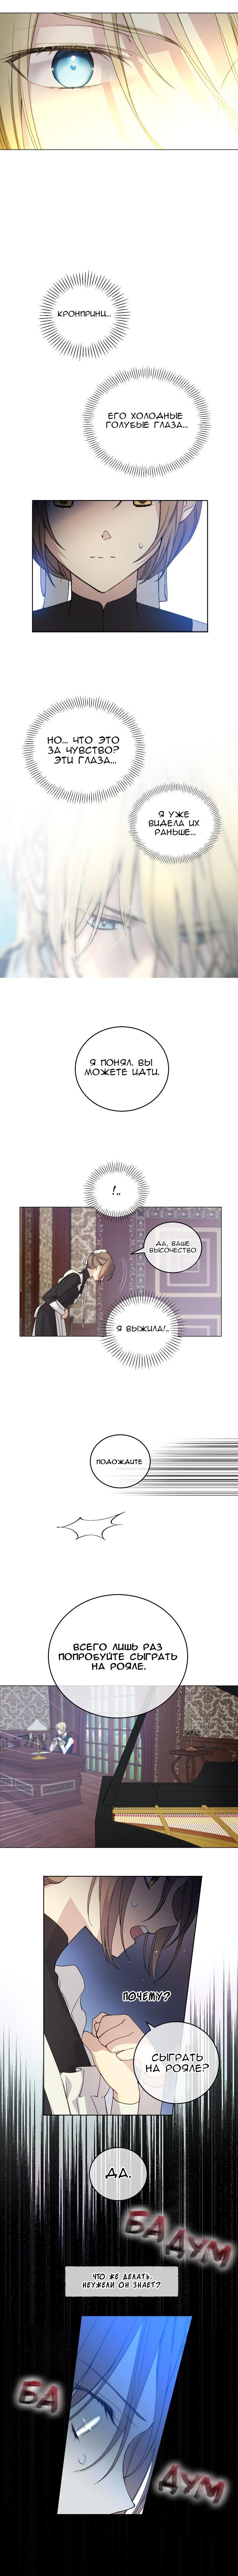 Манга Способная горничная / Capable maid  - Том 1 Глава 8 Страница 7